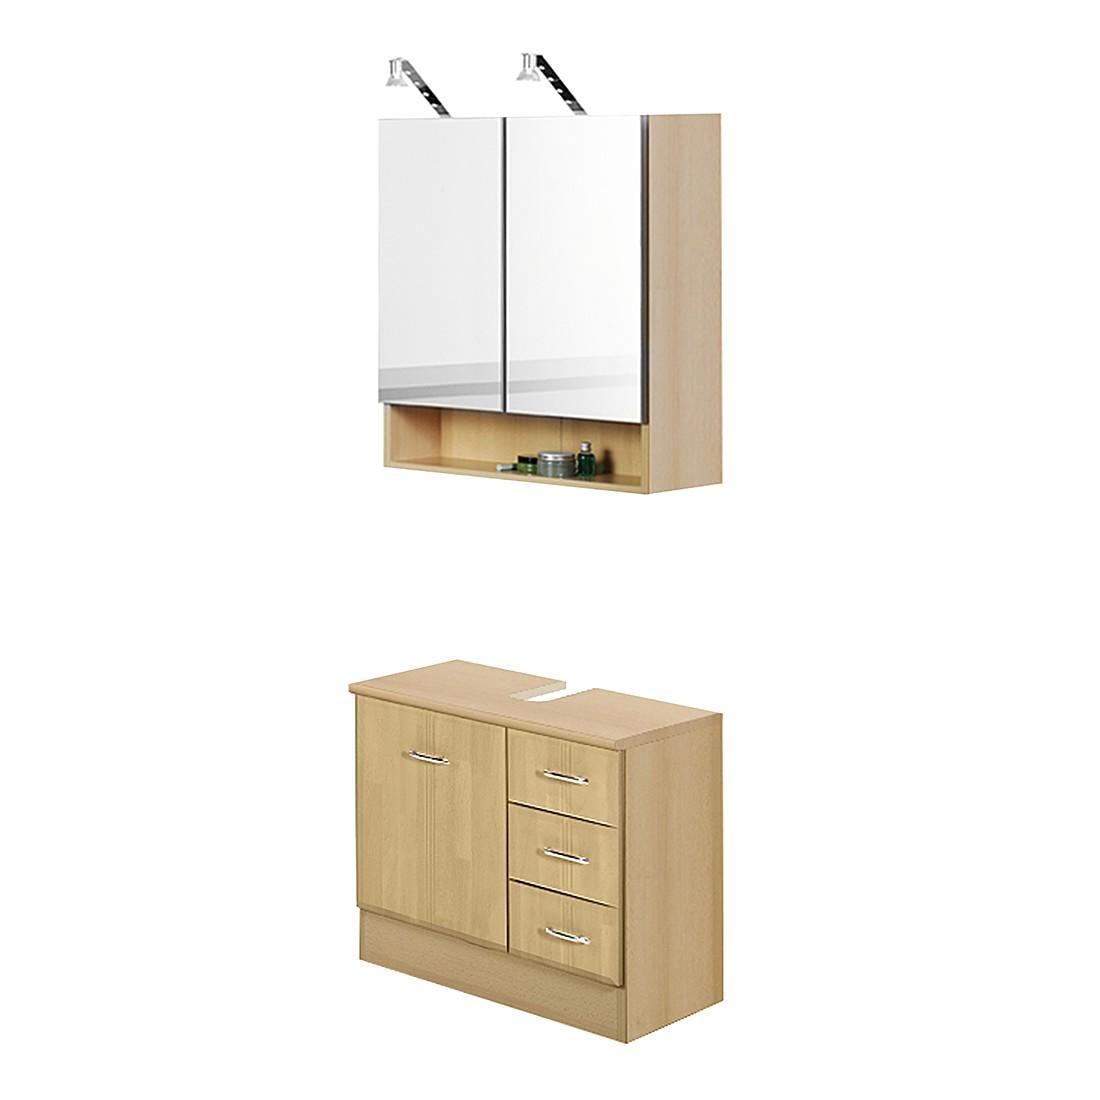 Mobile bagno sottolavello 2 ante cm 80x35x65h prezzo e - Mobile sottolavello bagno ...